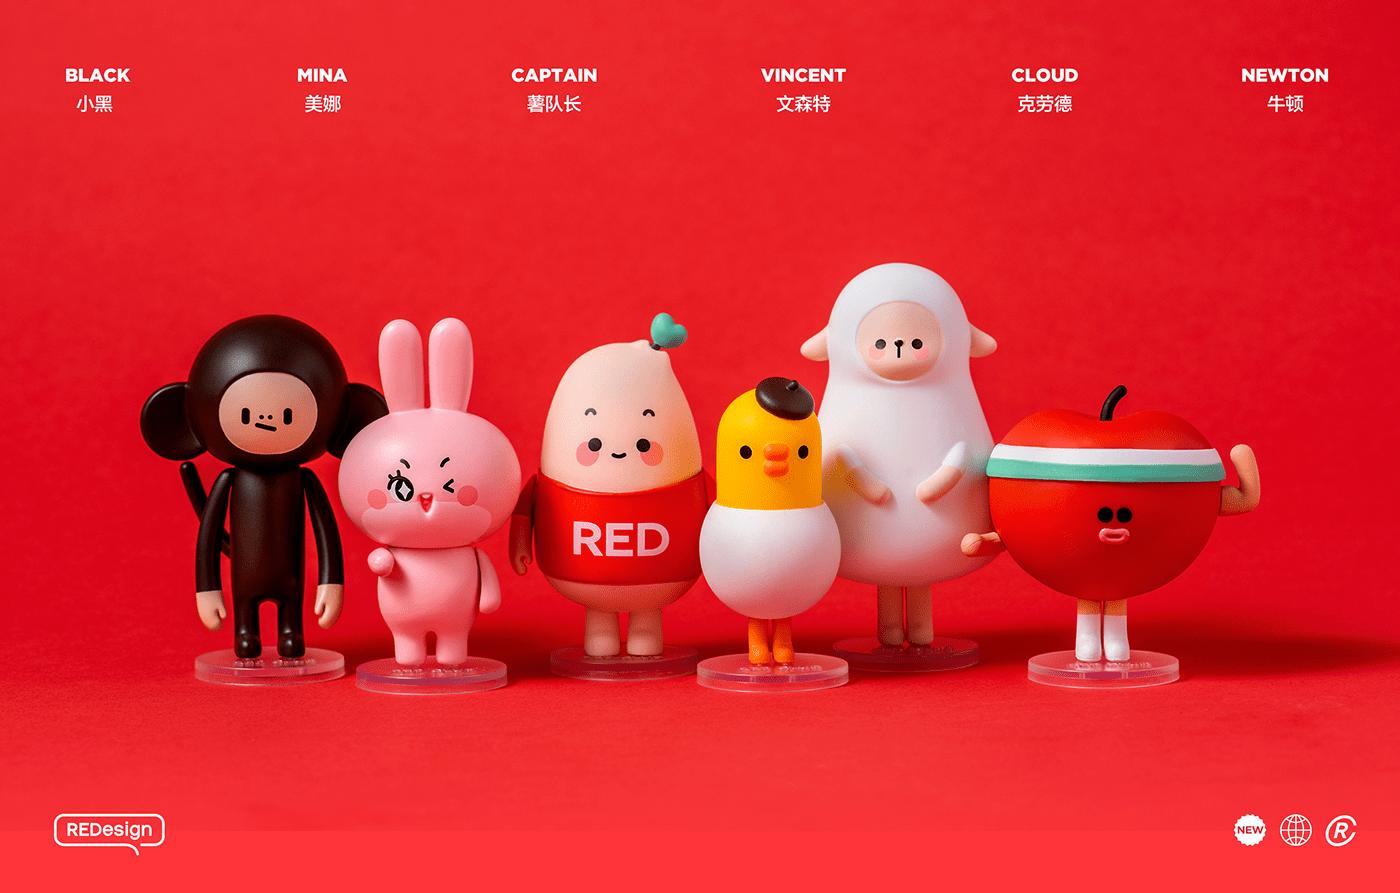 stop-motion 定格动画 IP 盲盒 摄影 形象设计 玩偶 人物设计